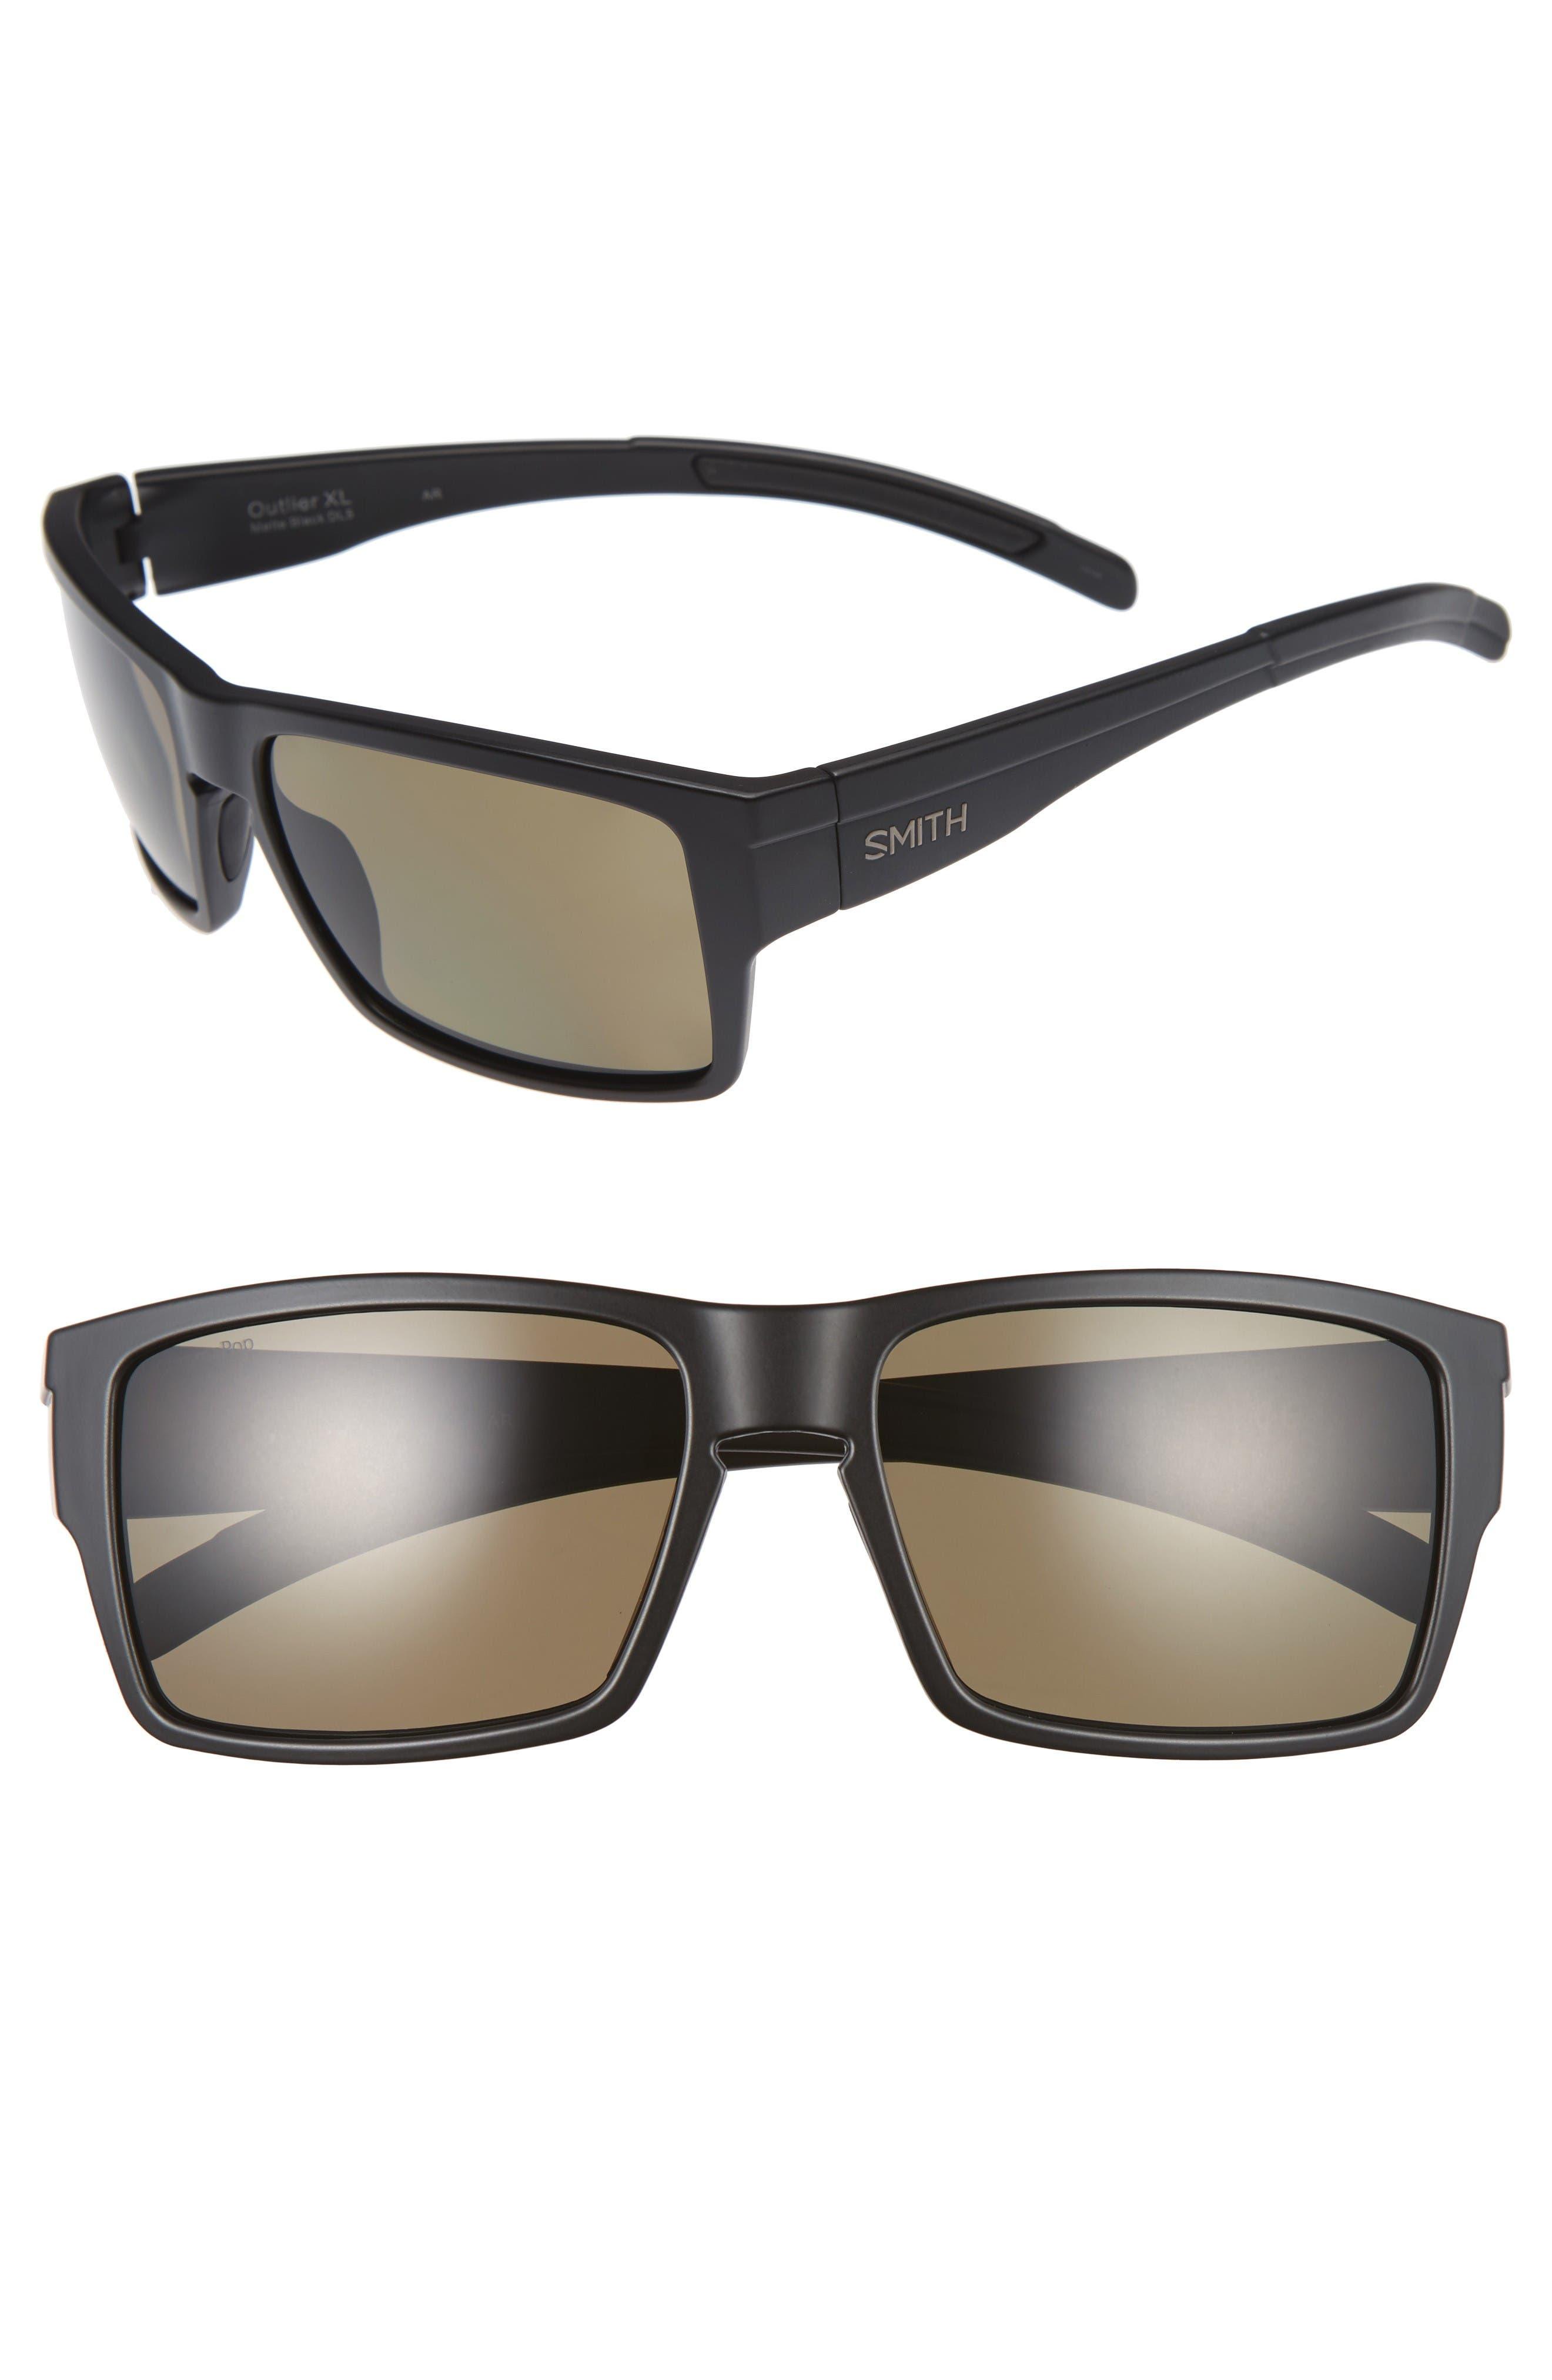 Outlier XL 58mm Polarized Sunglasses,                         Main,                         color, Matte Black